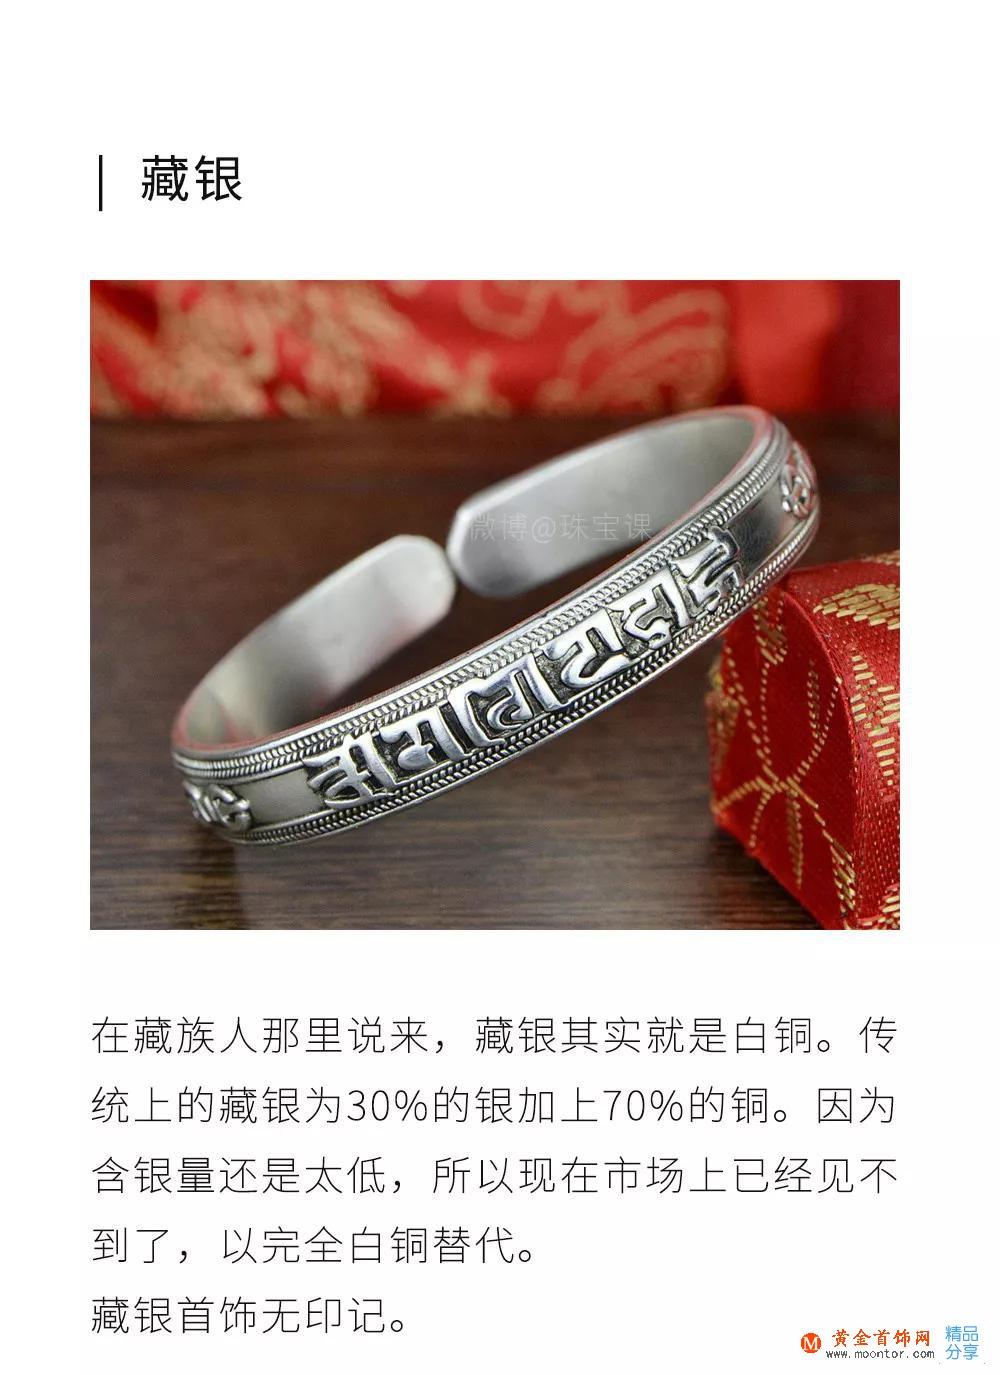 藏银苗银竟然不是银...苗银和藏银有什么区别?旅游区买银饰当心被骗!